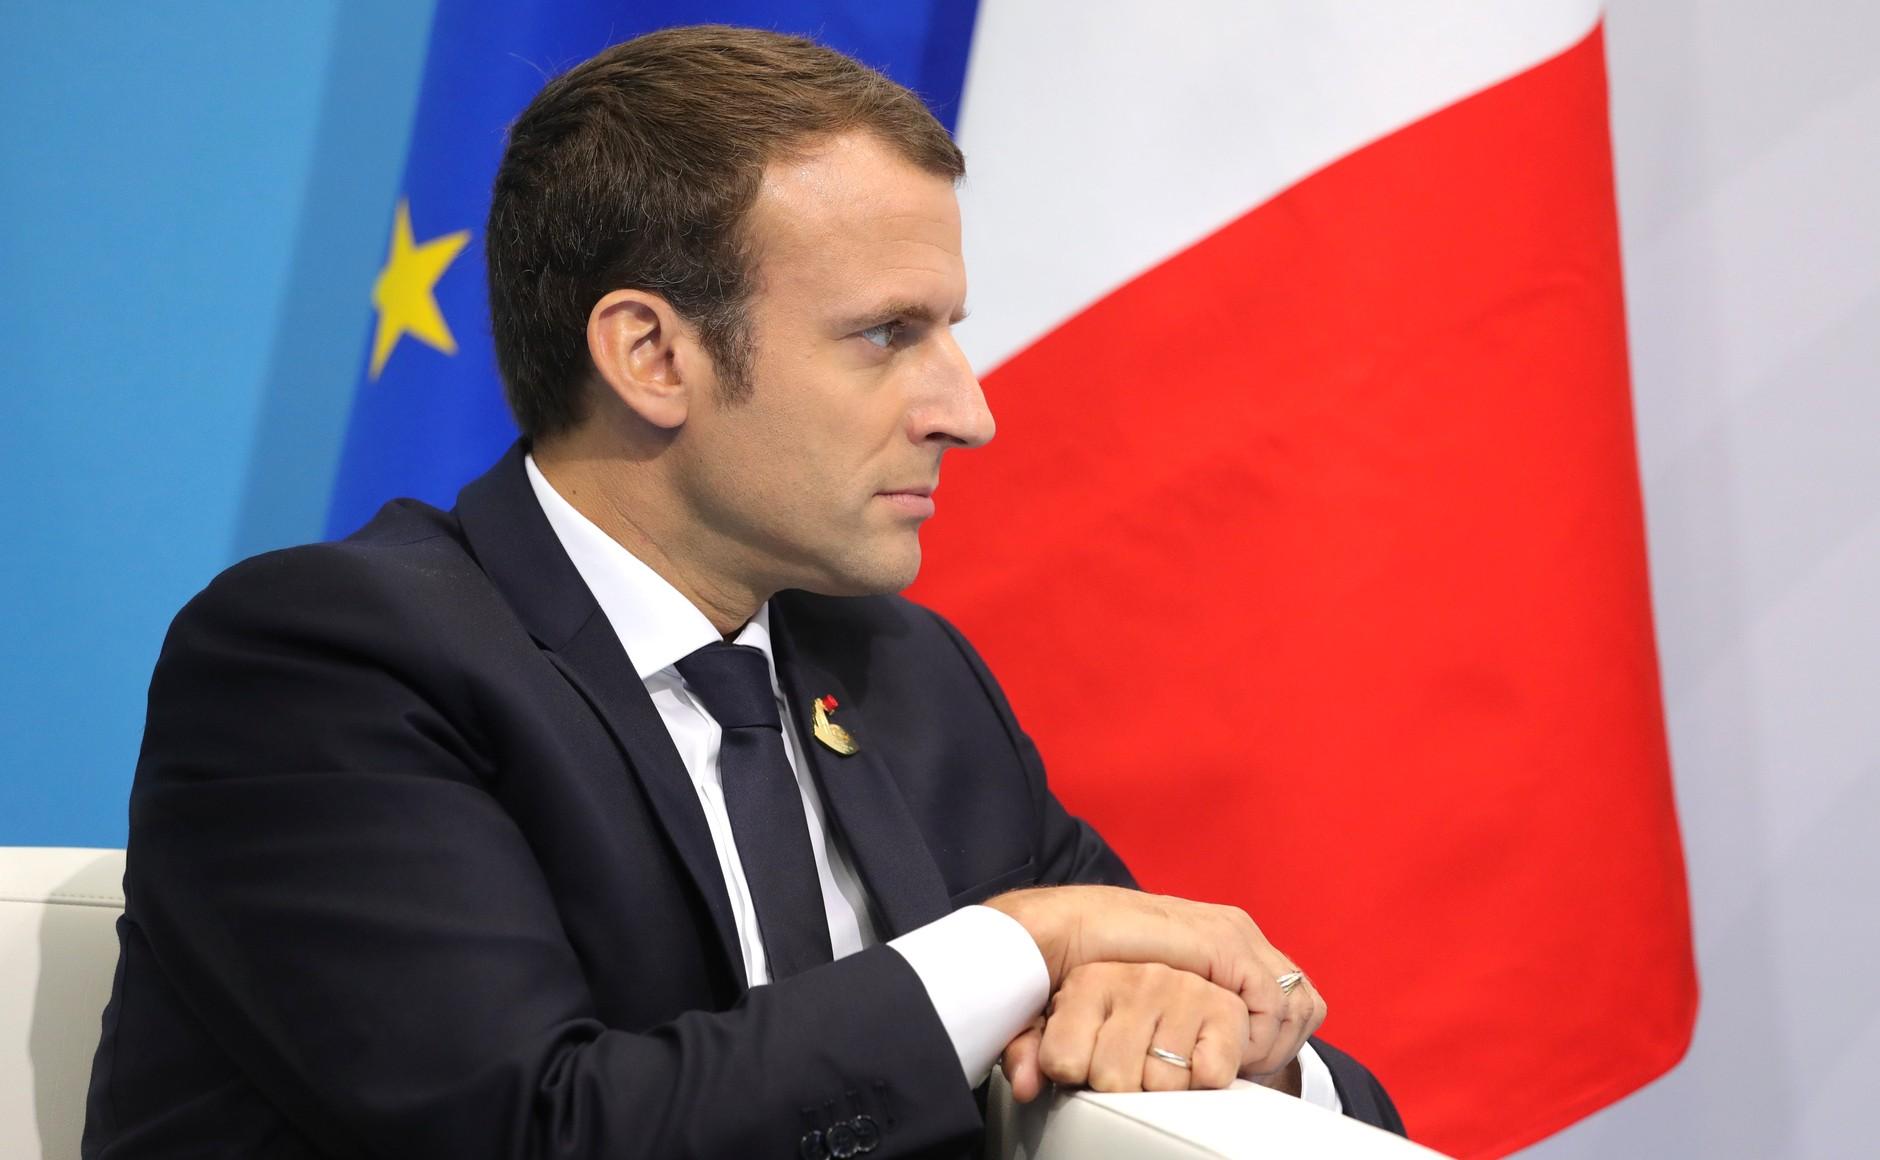 Le président français Emmanuel Macron a prononcé un discours devant le Parlement européen de Strasbourg, mardi